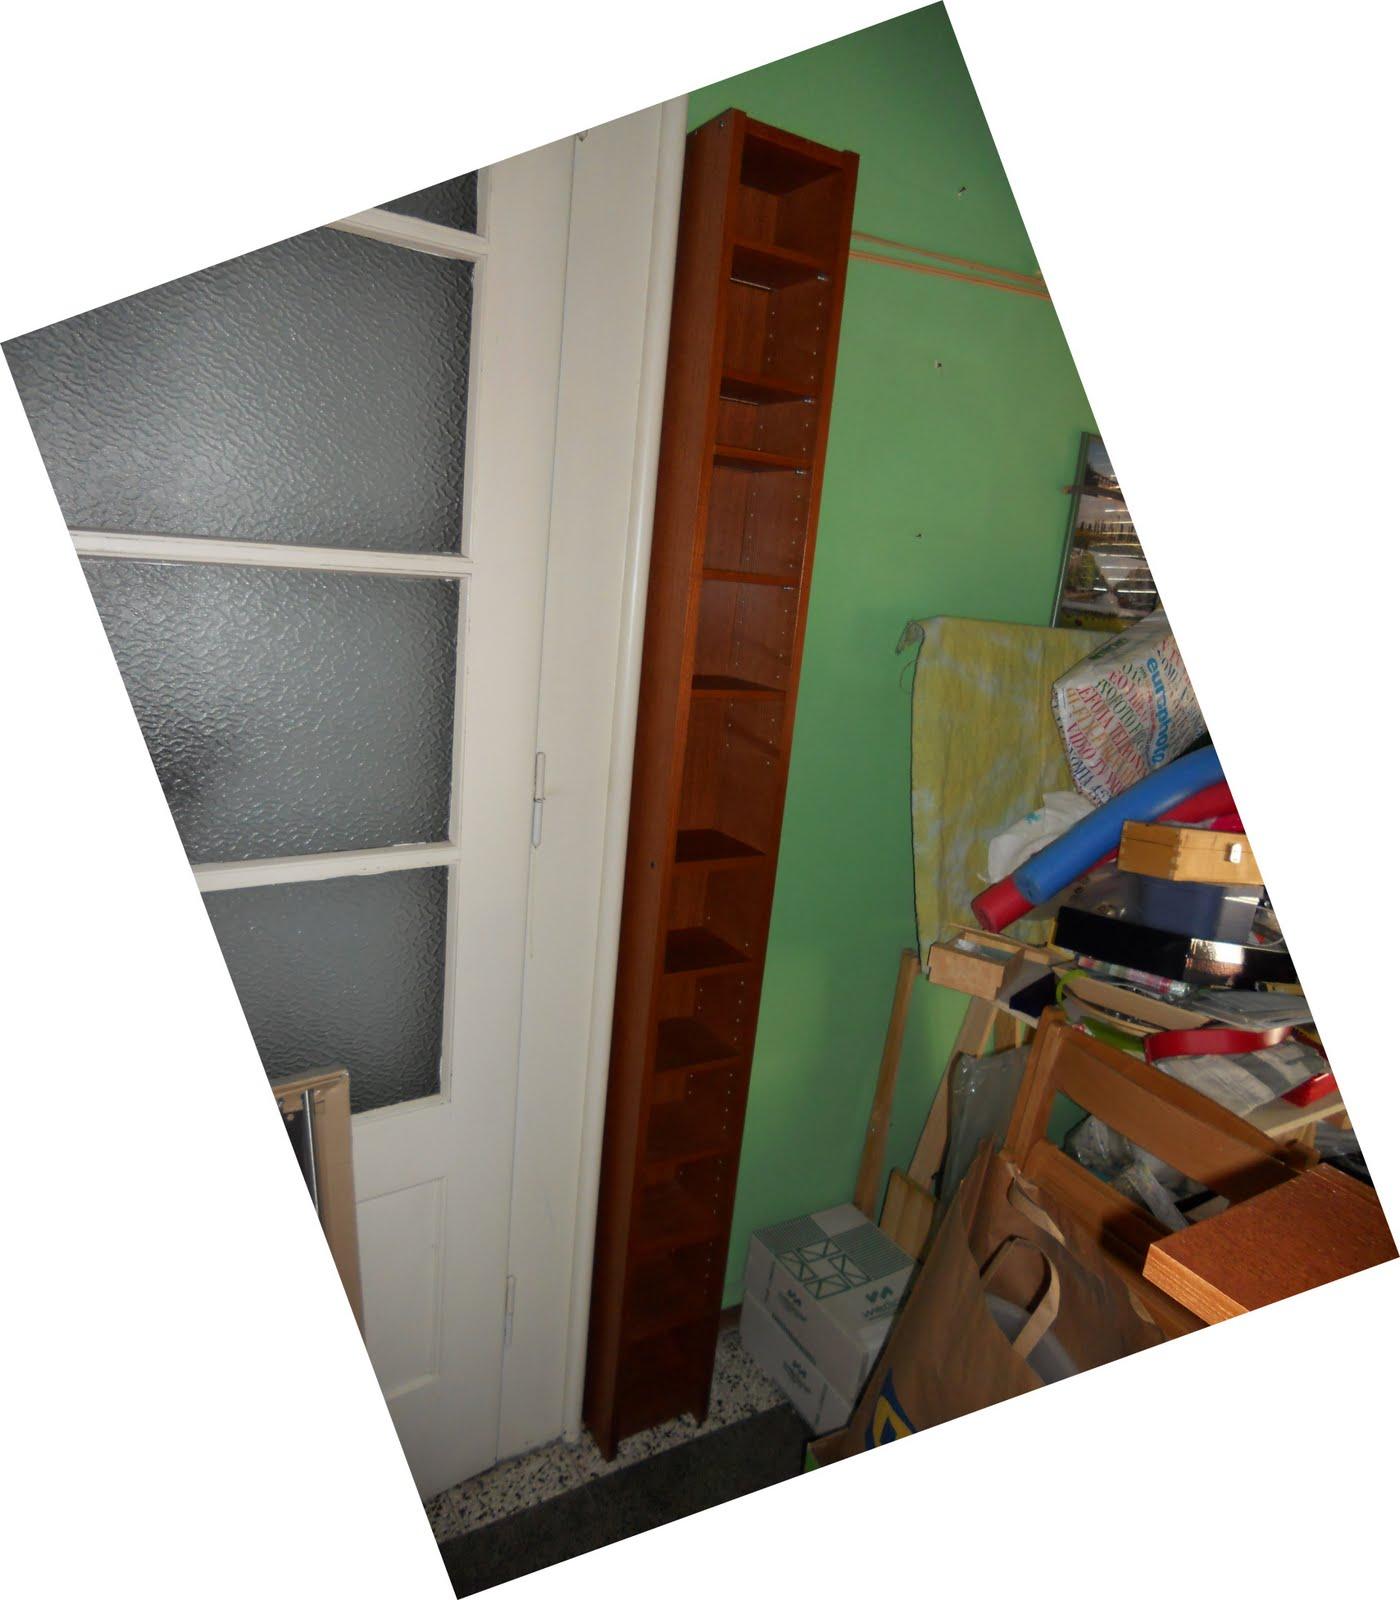 Mensole Porta Cd Ikea.Qui Trasloco Venduto Porta Cd A Colonna Benno Ikea